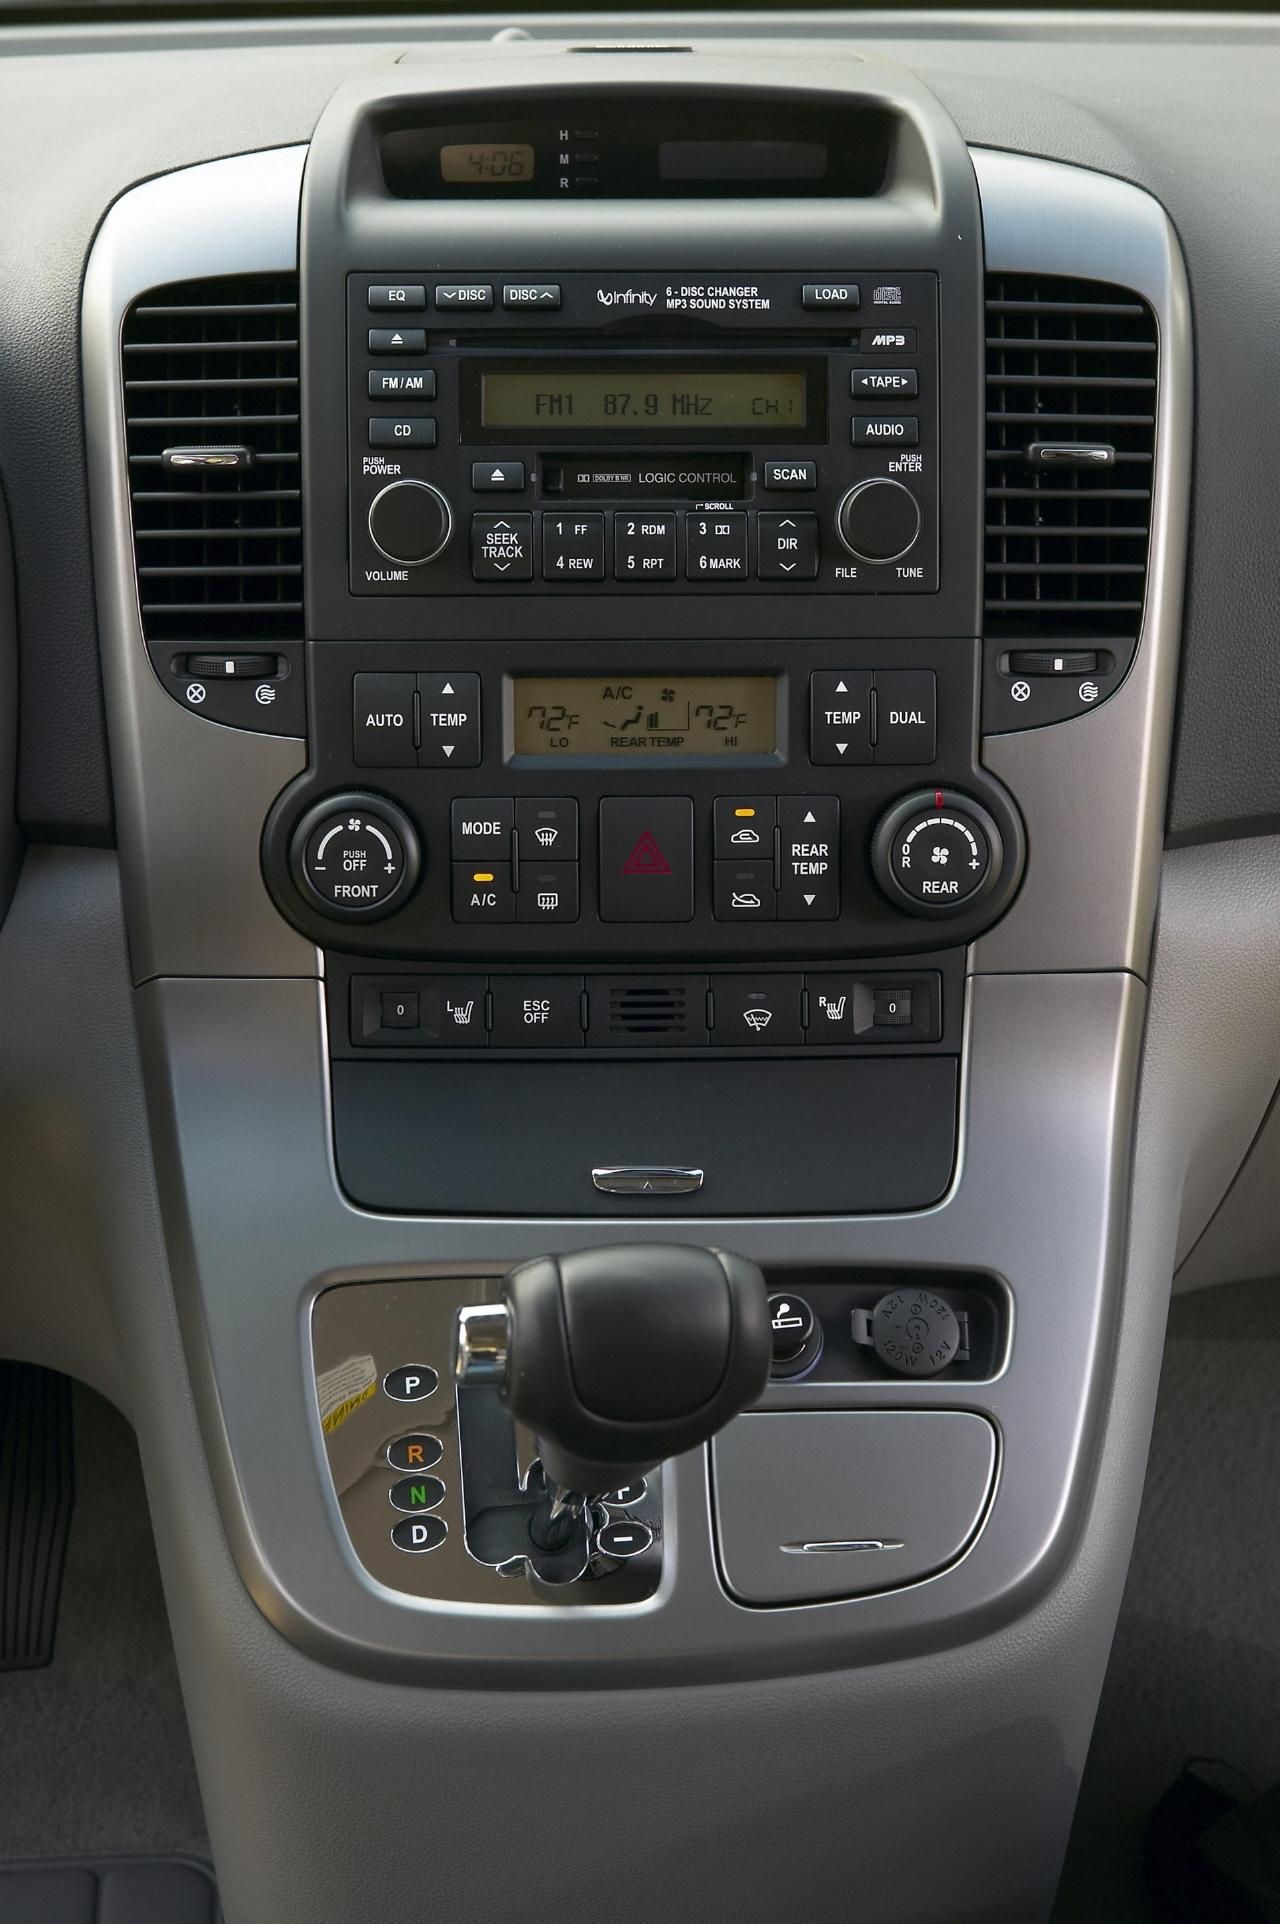 2008 Hyundai Entourage 17